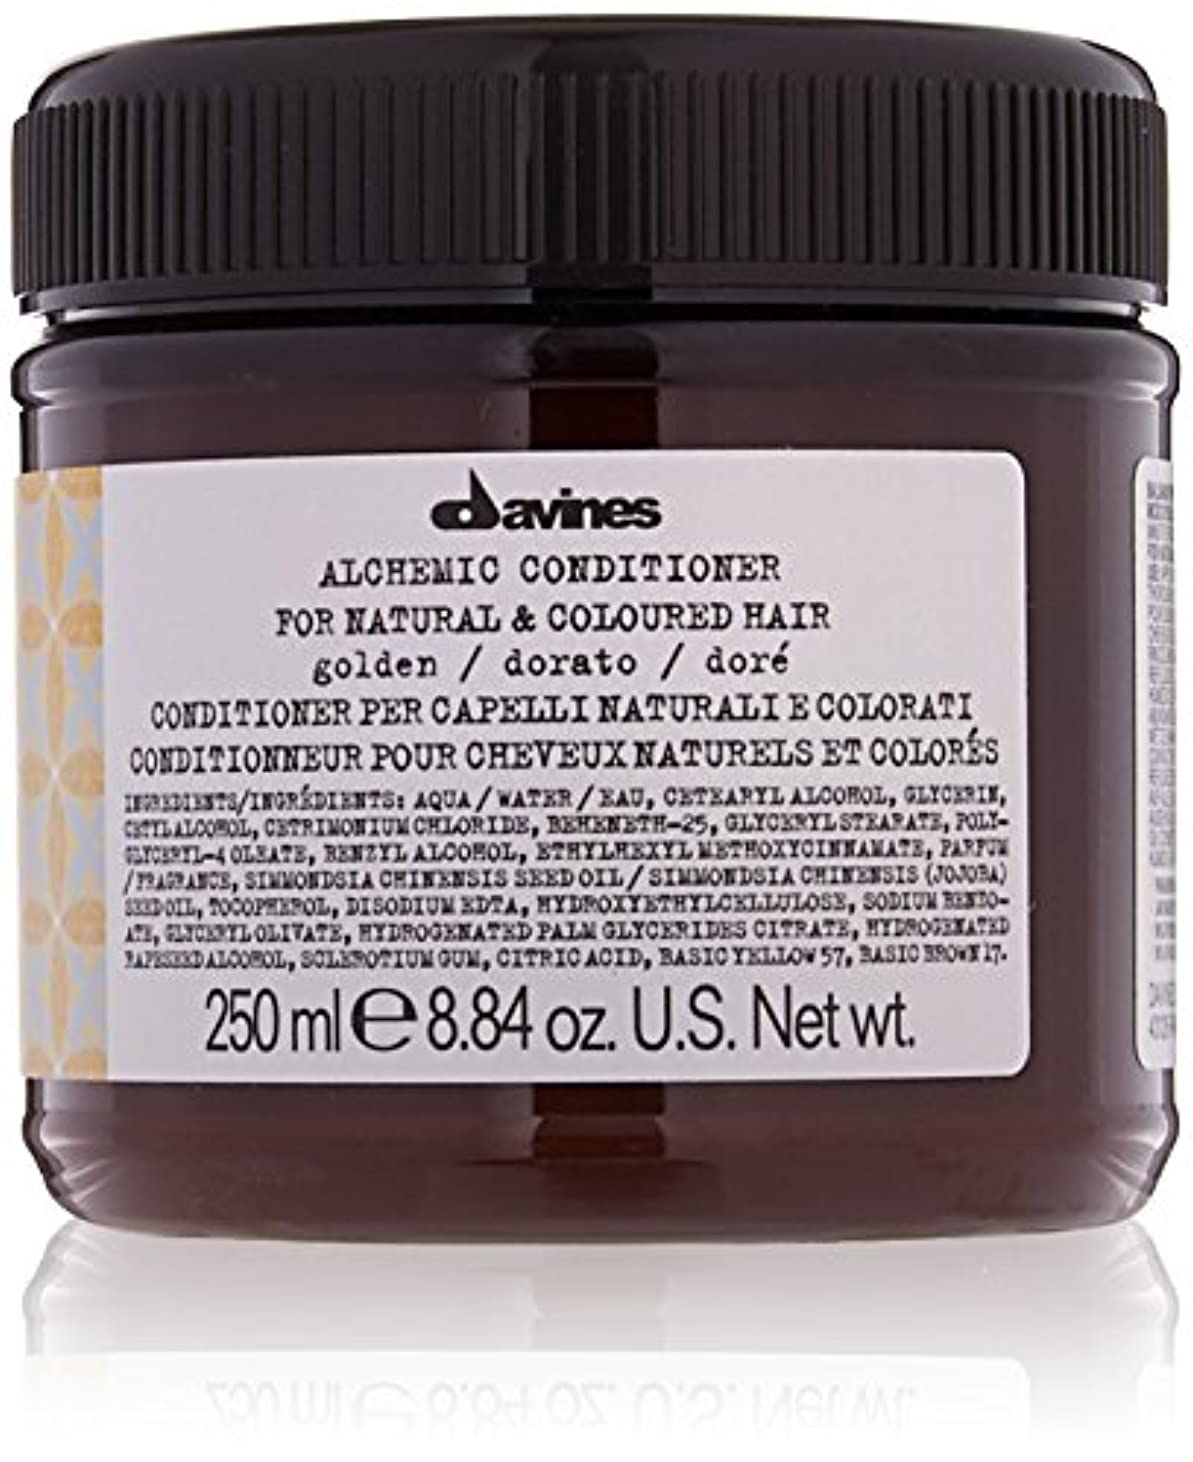 世界記録のギネスブック亜熱帯くダヴィネス Alchemic Conditioner - # Golden (For Natural & Coloured Hair) 250ml/8.84oz並行輸入品